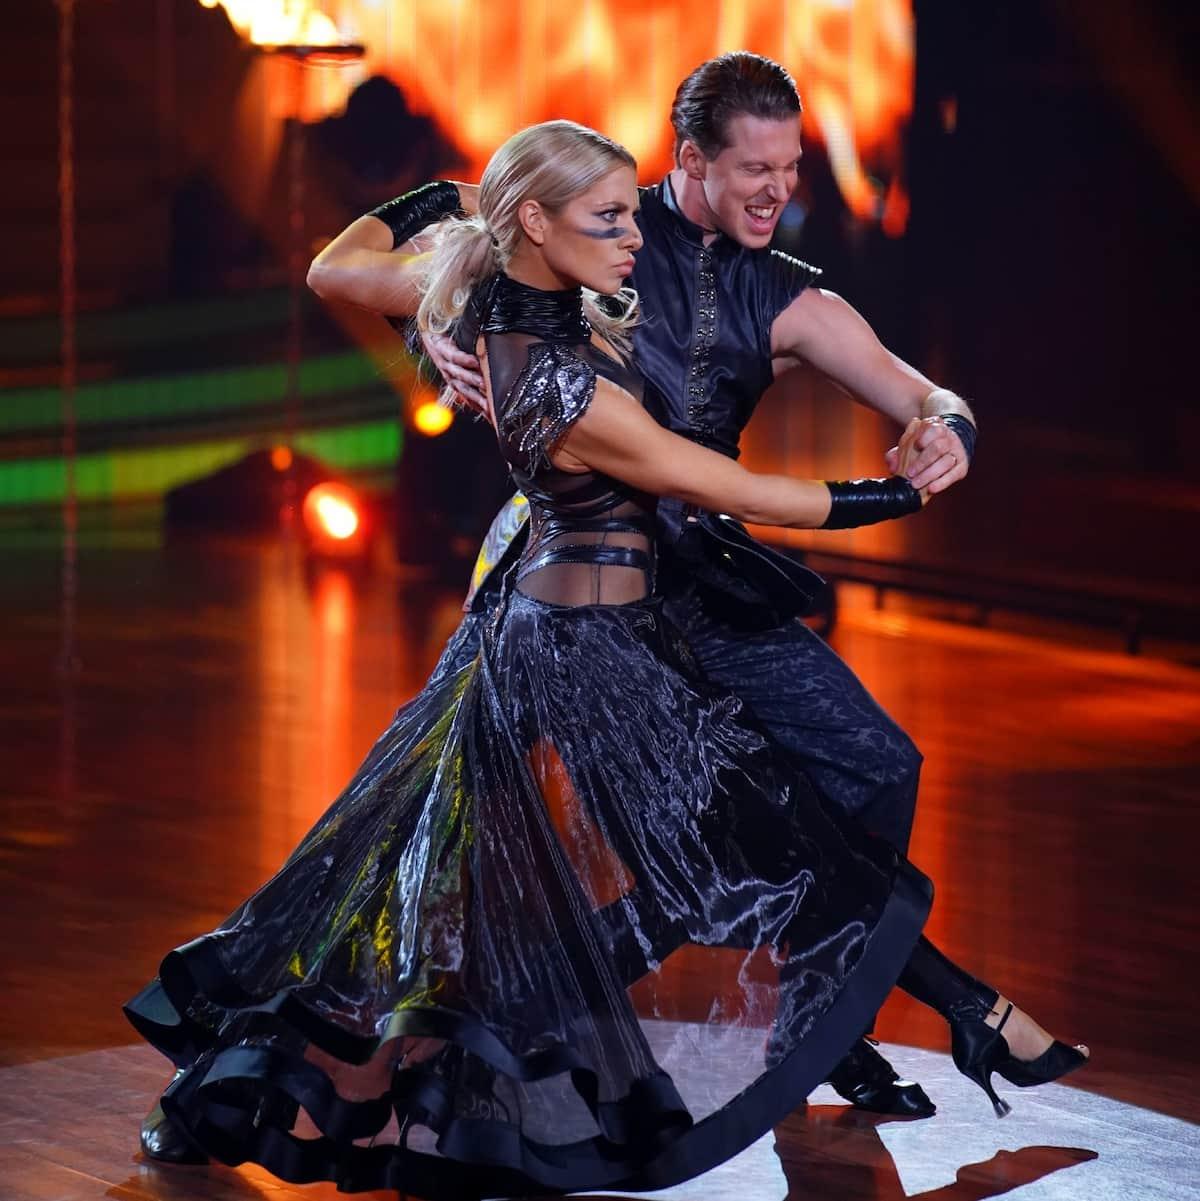 Valentina Pahde und Valentin Lusin beim Paso doble Let's dance am 21.5.2021